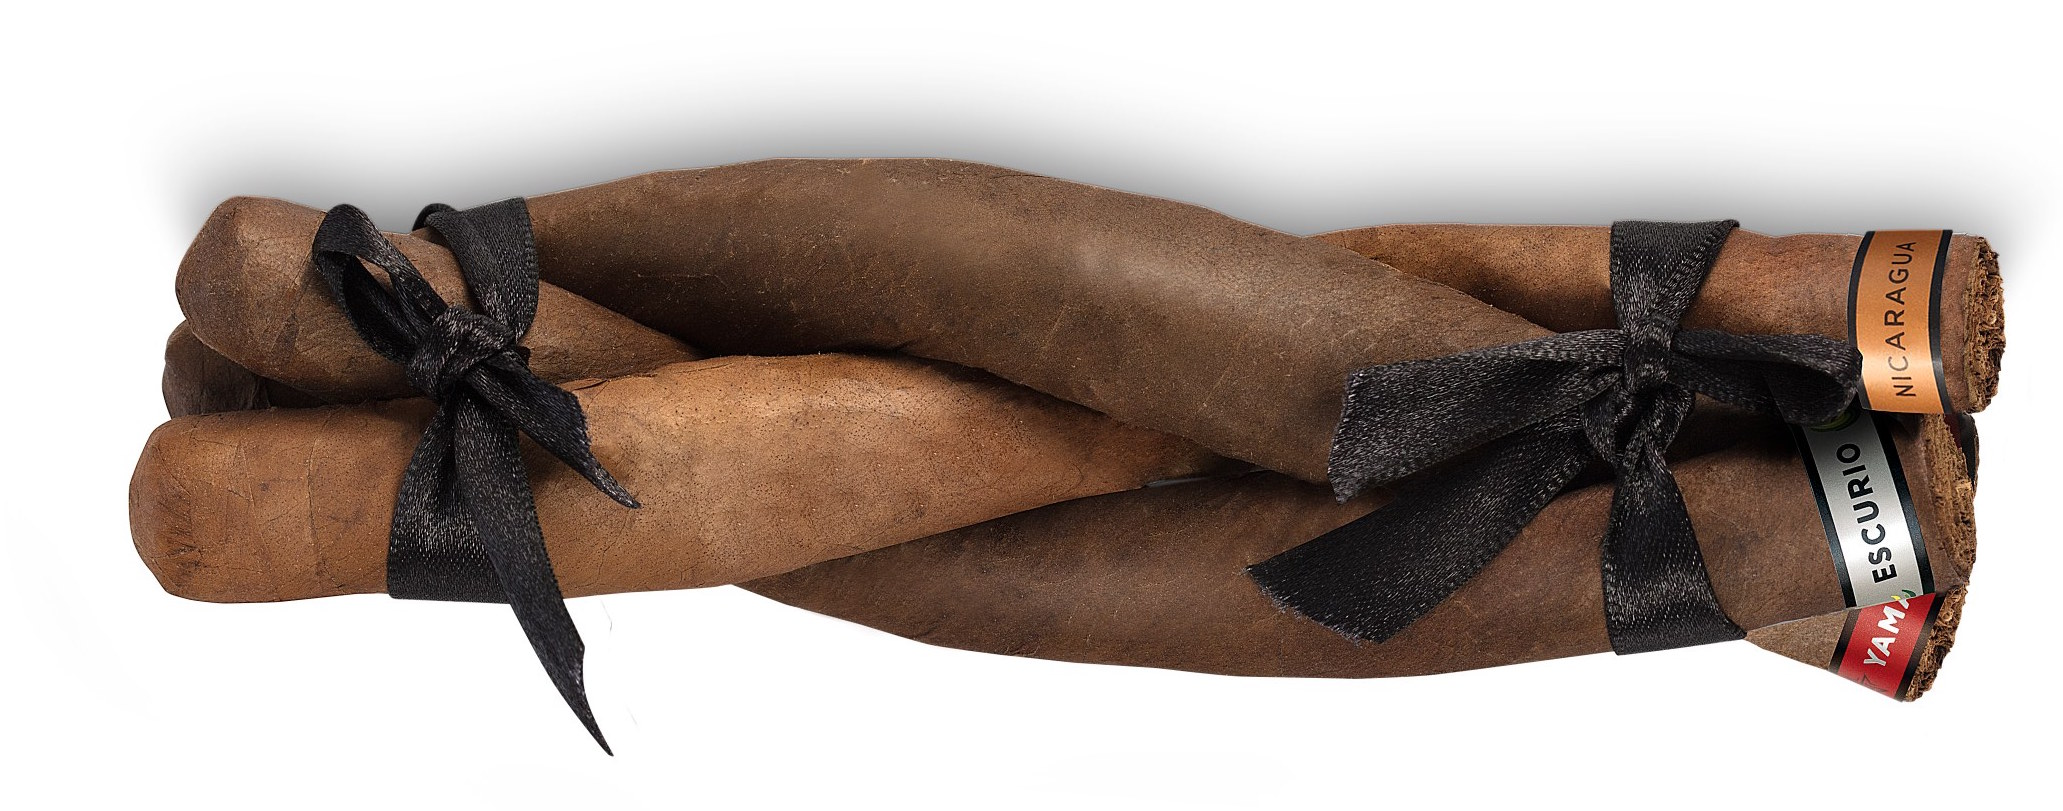 Cigar News: Davidoff Culebras Features Discovery Pillar Blends